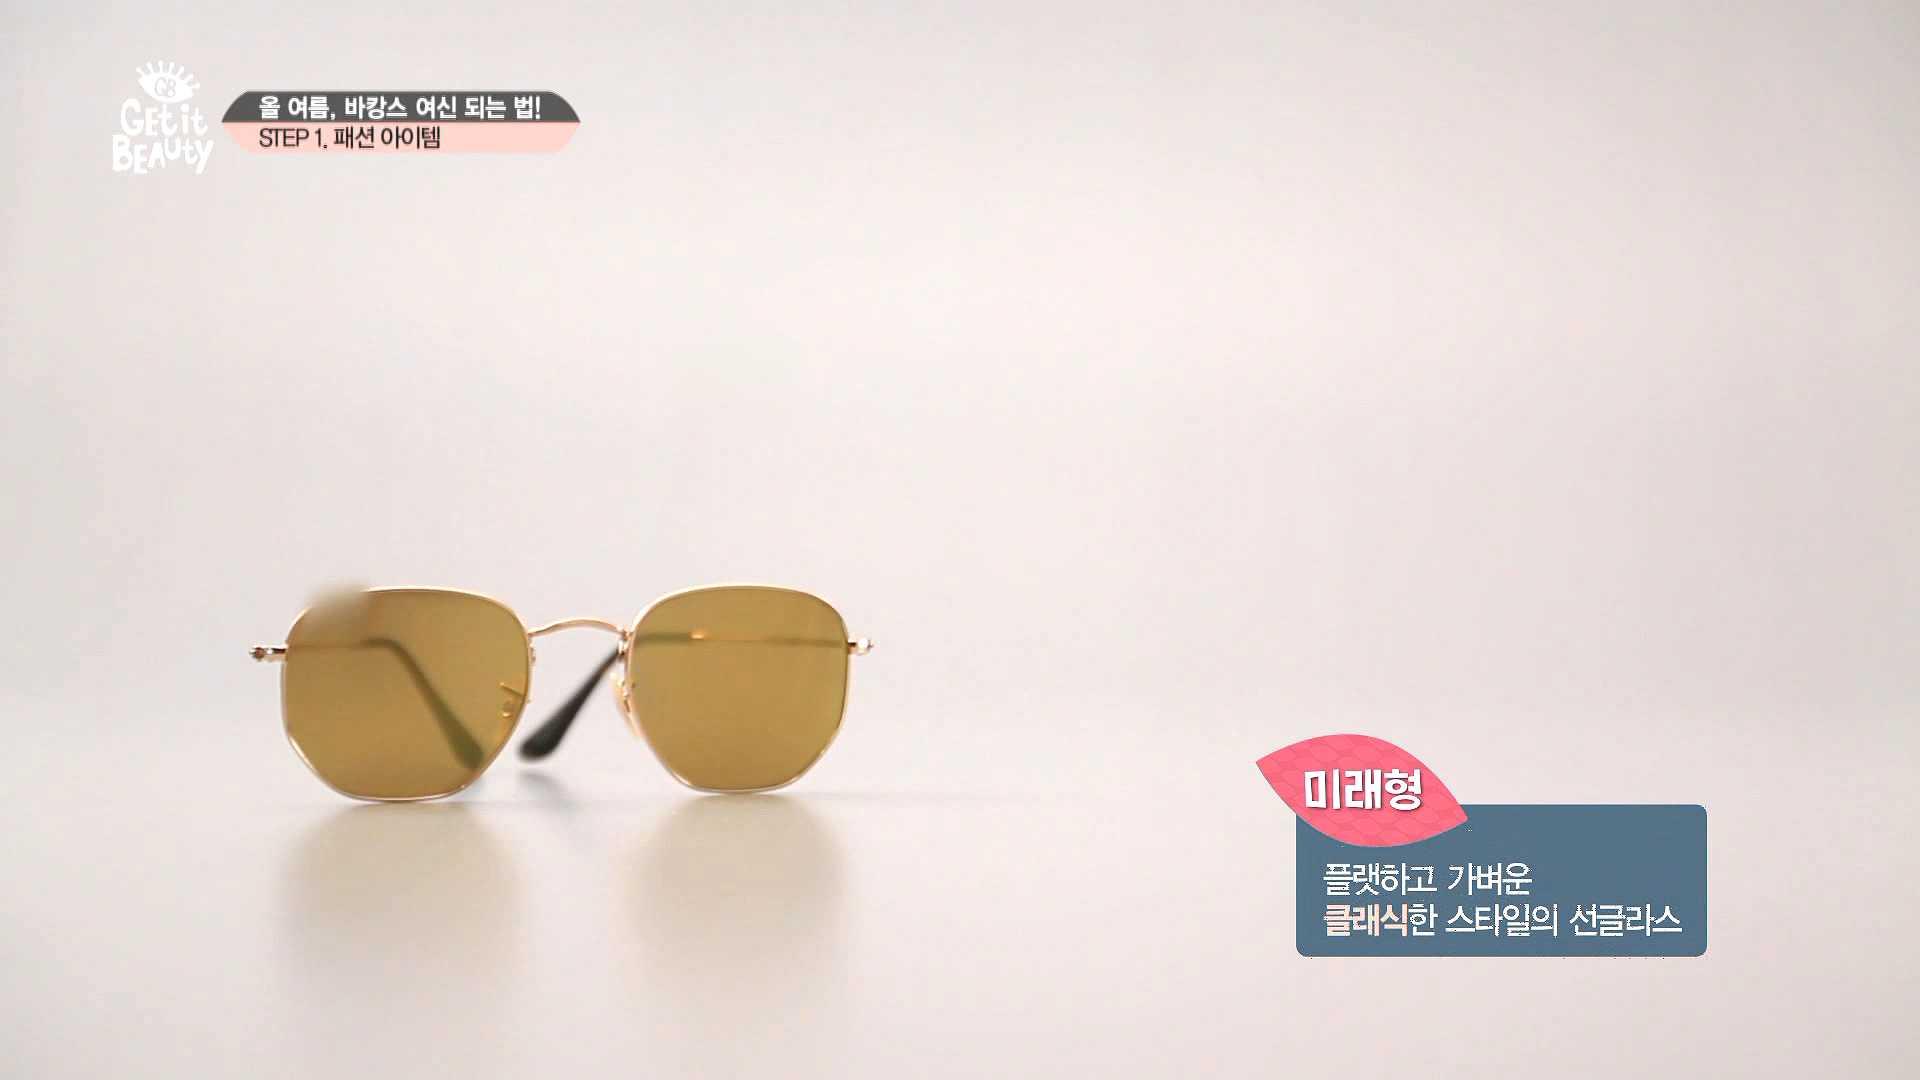 미래형은 플랫하고 가벼운 클래식한 스타일의 선글라스